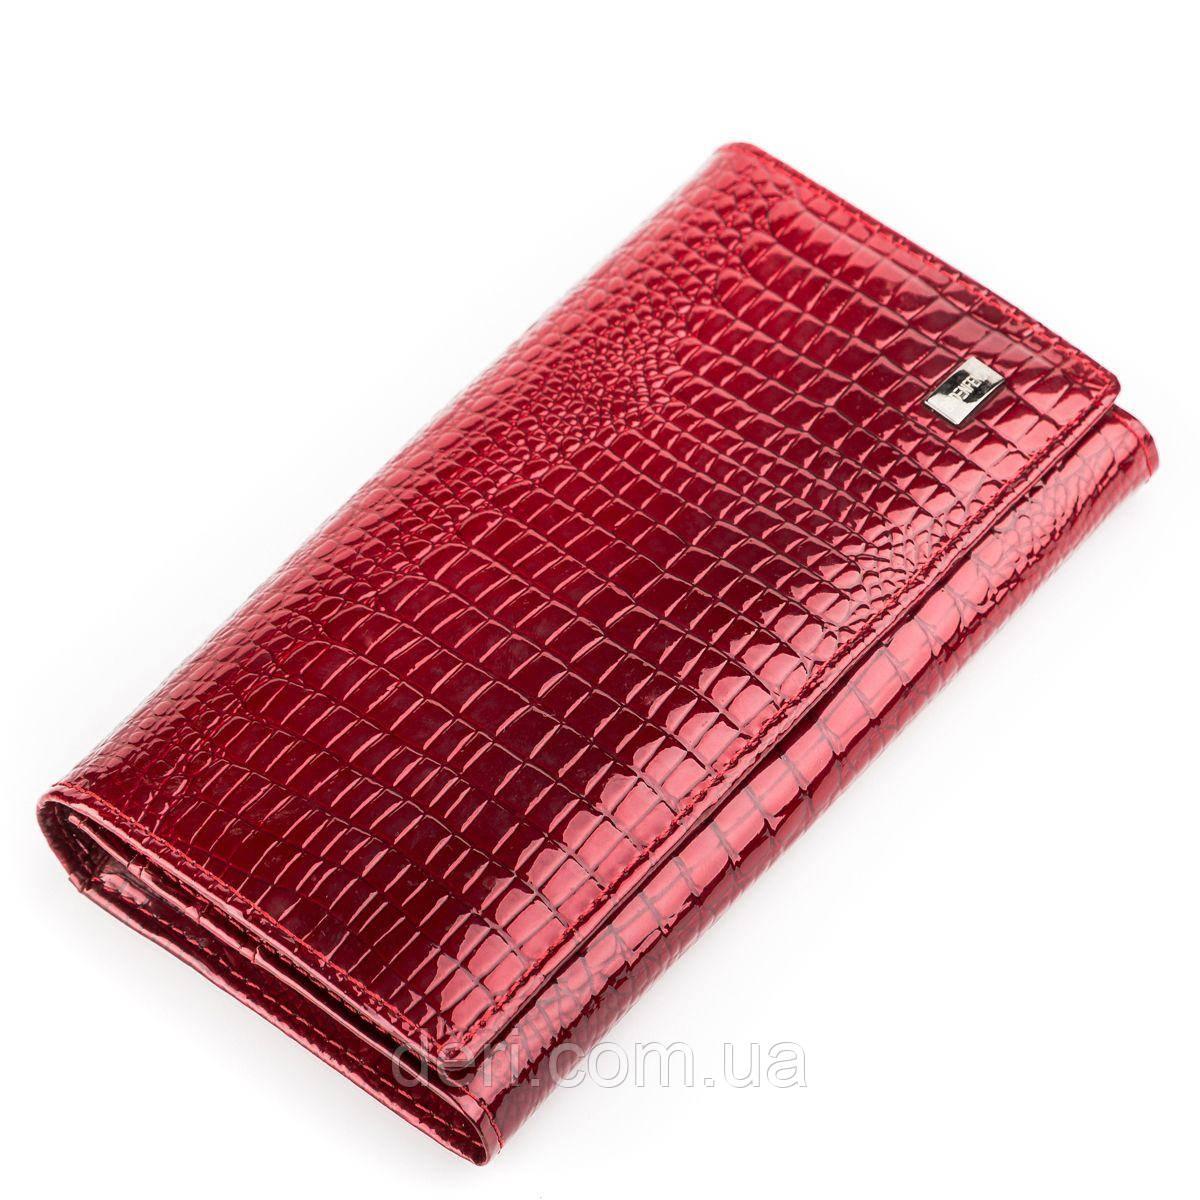 Кошелек женский BODENFENDY 13850 кожаный Красный, Красный